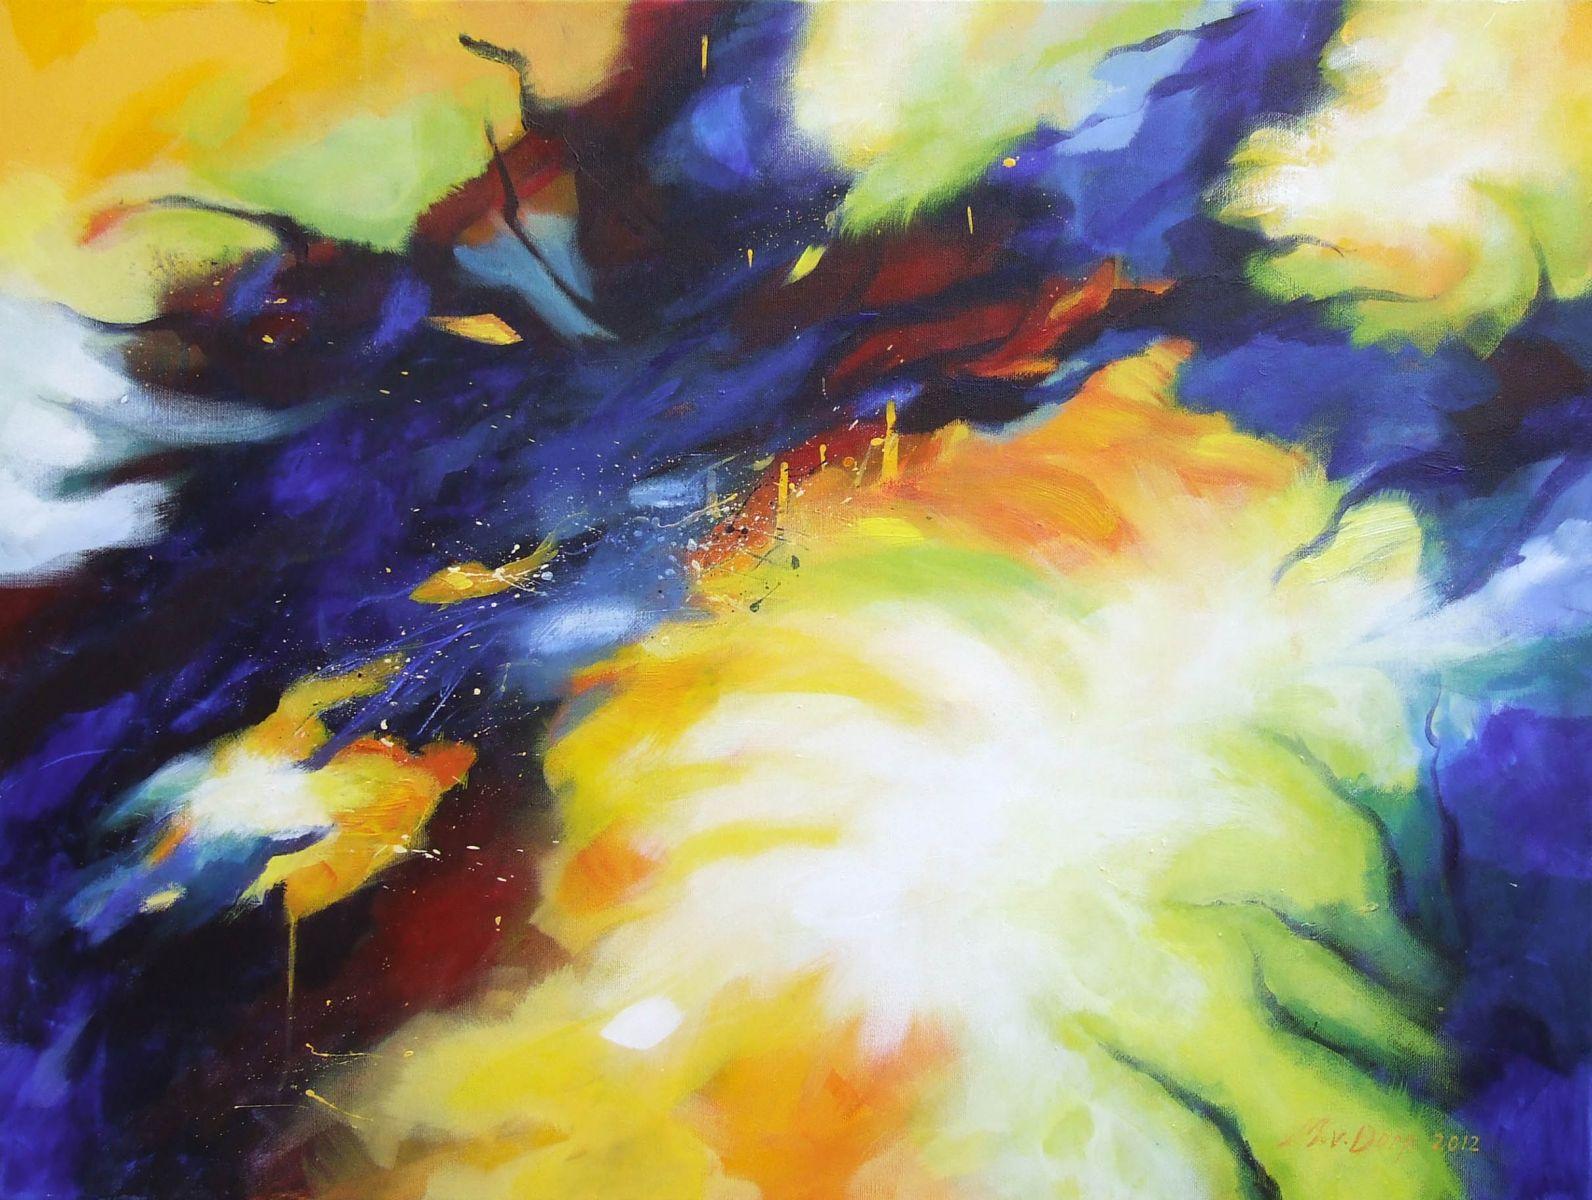 Melanie van dorp workshop 39 schilderen vanuit jezelf 39 - Ruimte van de jongen kleur schilderen ...